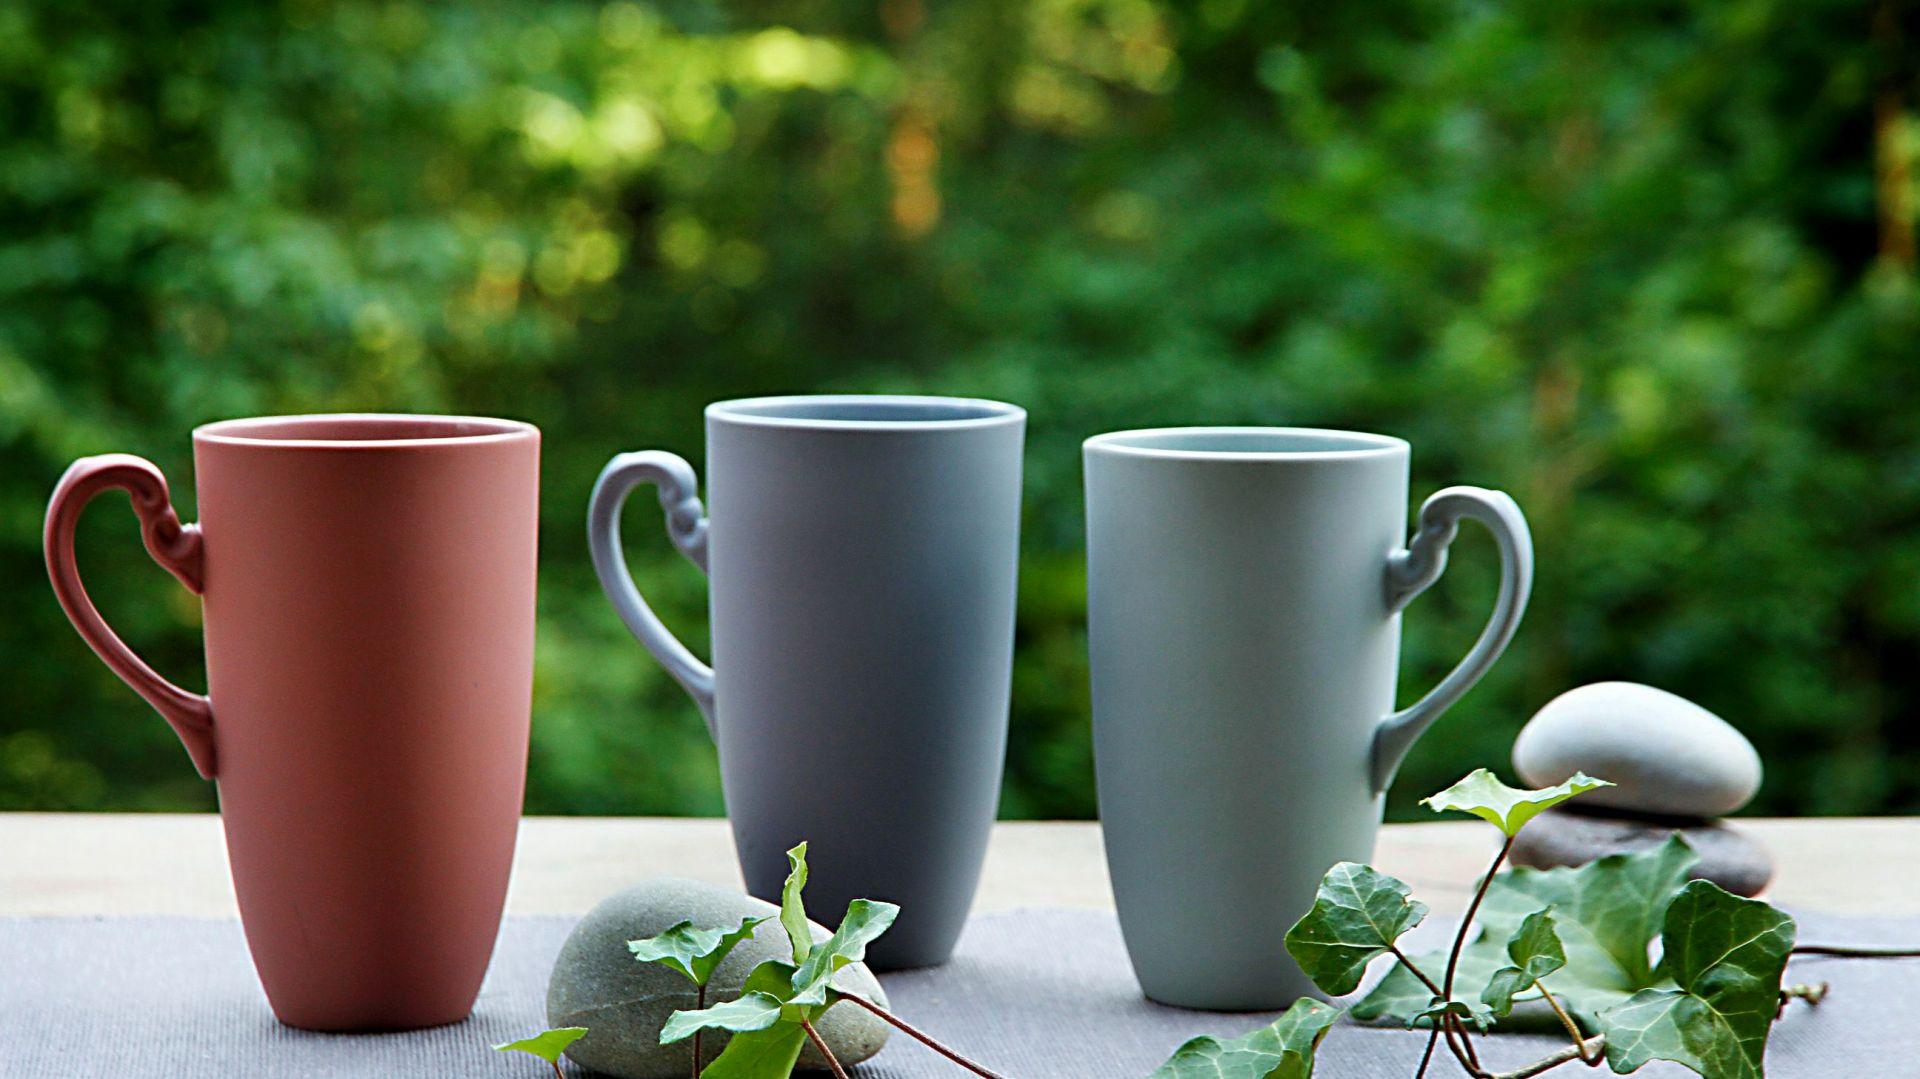 Kubki z kolekcji Nectar Ćmielów Design Studio dostępne w kilku kolorach. Cena: 56 zł/szt. Fot. Ćmielów